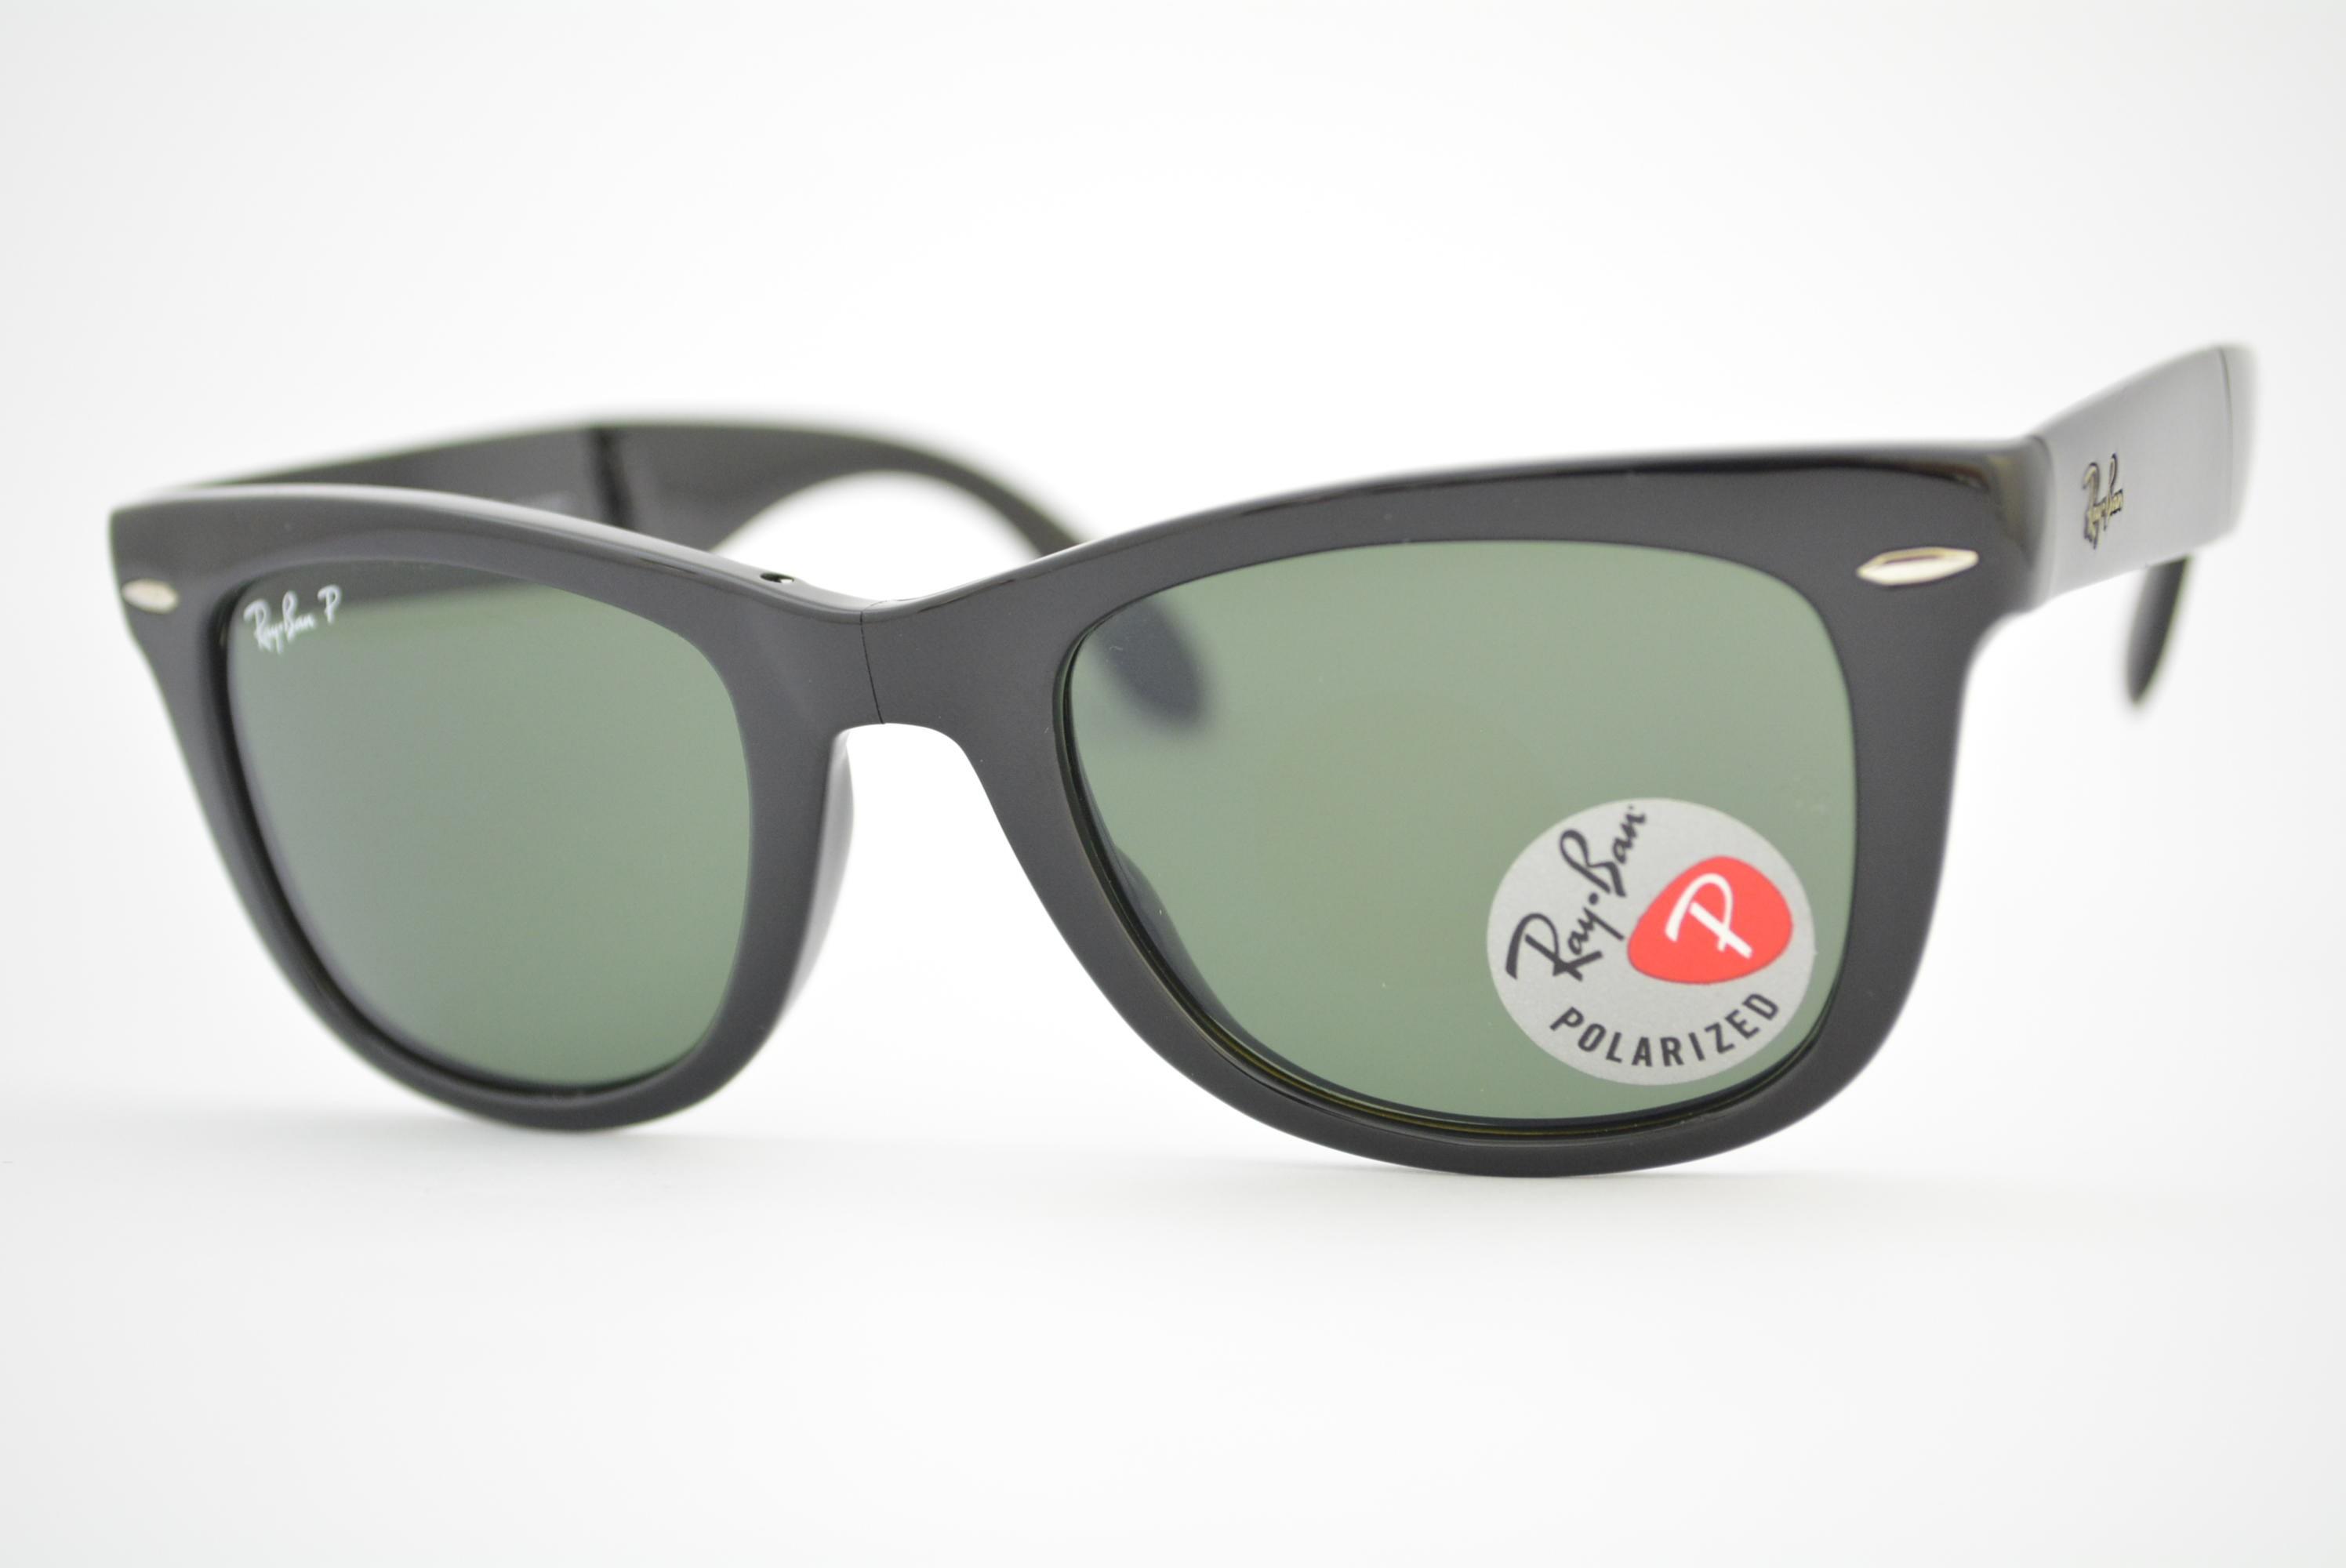 36cd05f6dc ... wholesale óculos de sol ray ban wayfarer folding mod rb4105 601 58  polarizado 13bba ccf19